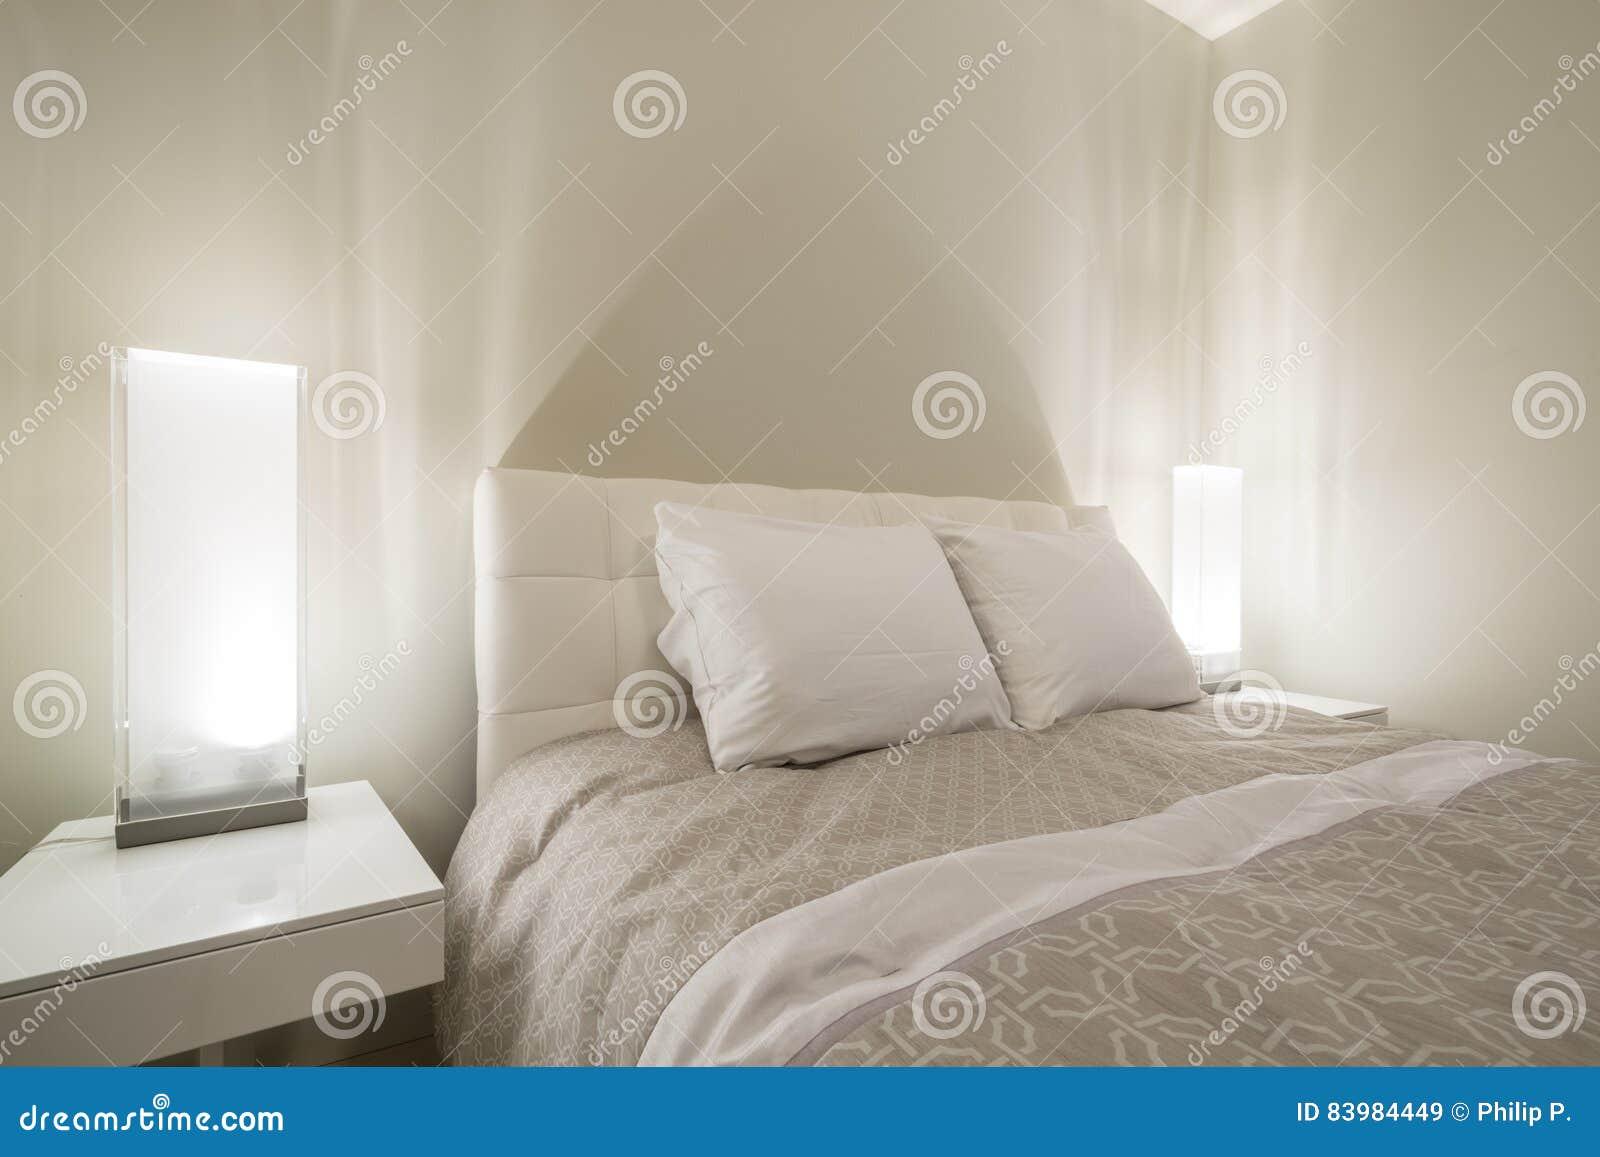 Heldere en schone moderne slaapkamer stock afbeelding afbeelding